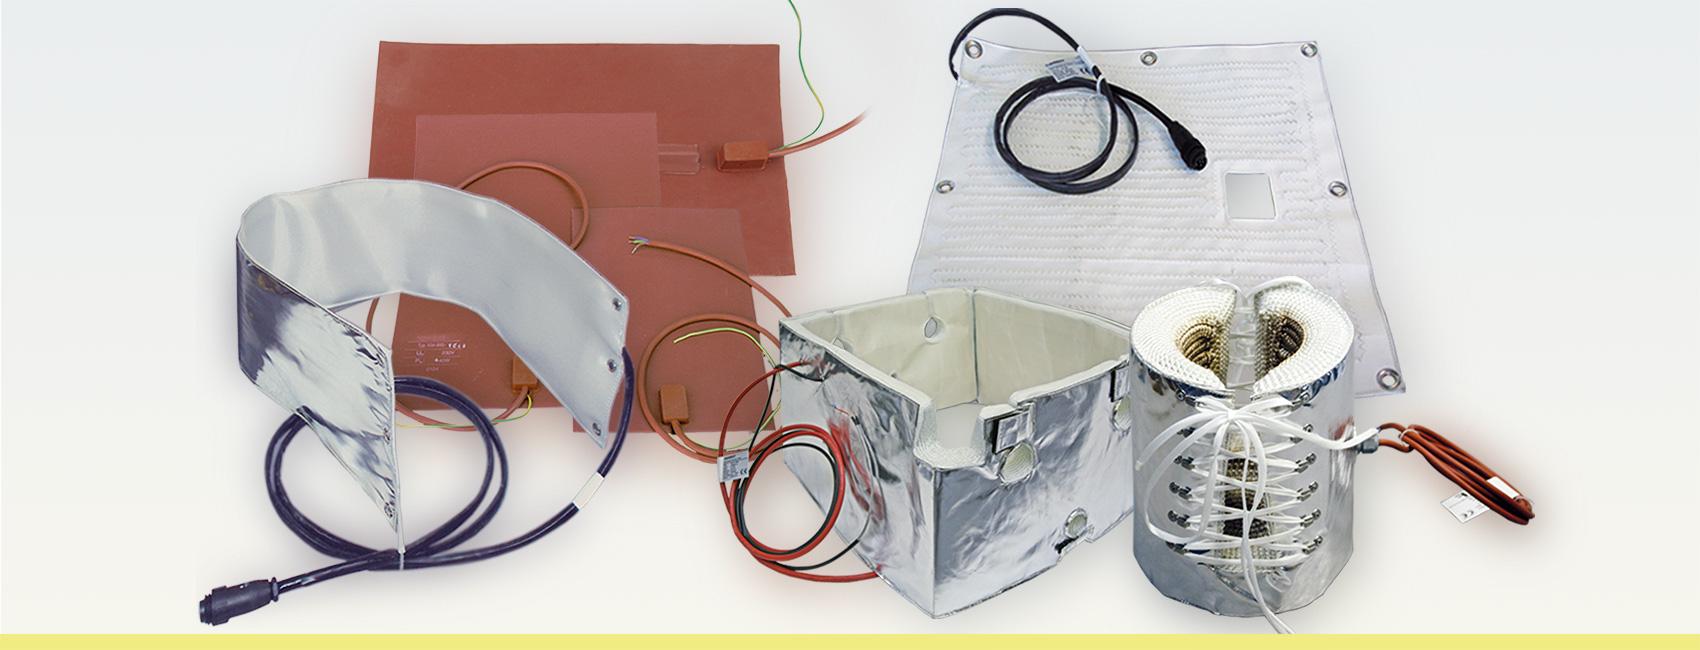 Labortechnik Heizmatten- und Heizmanschetten